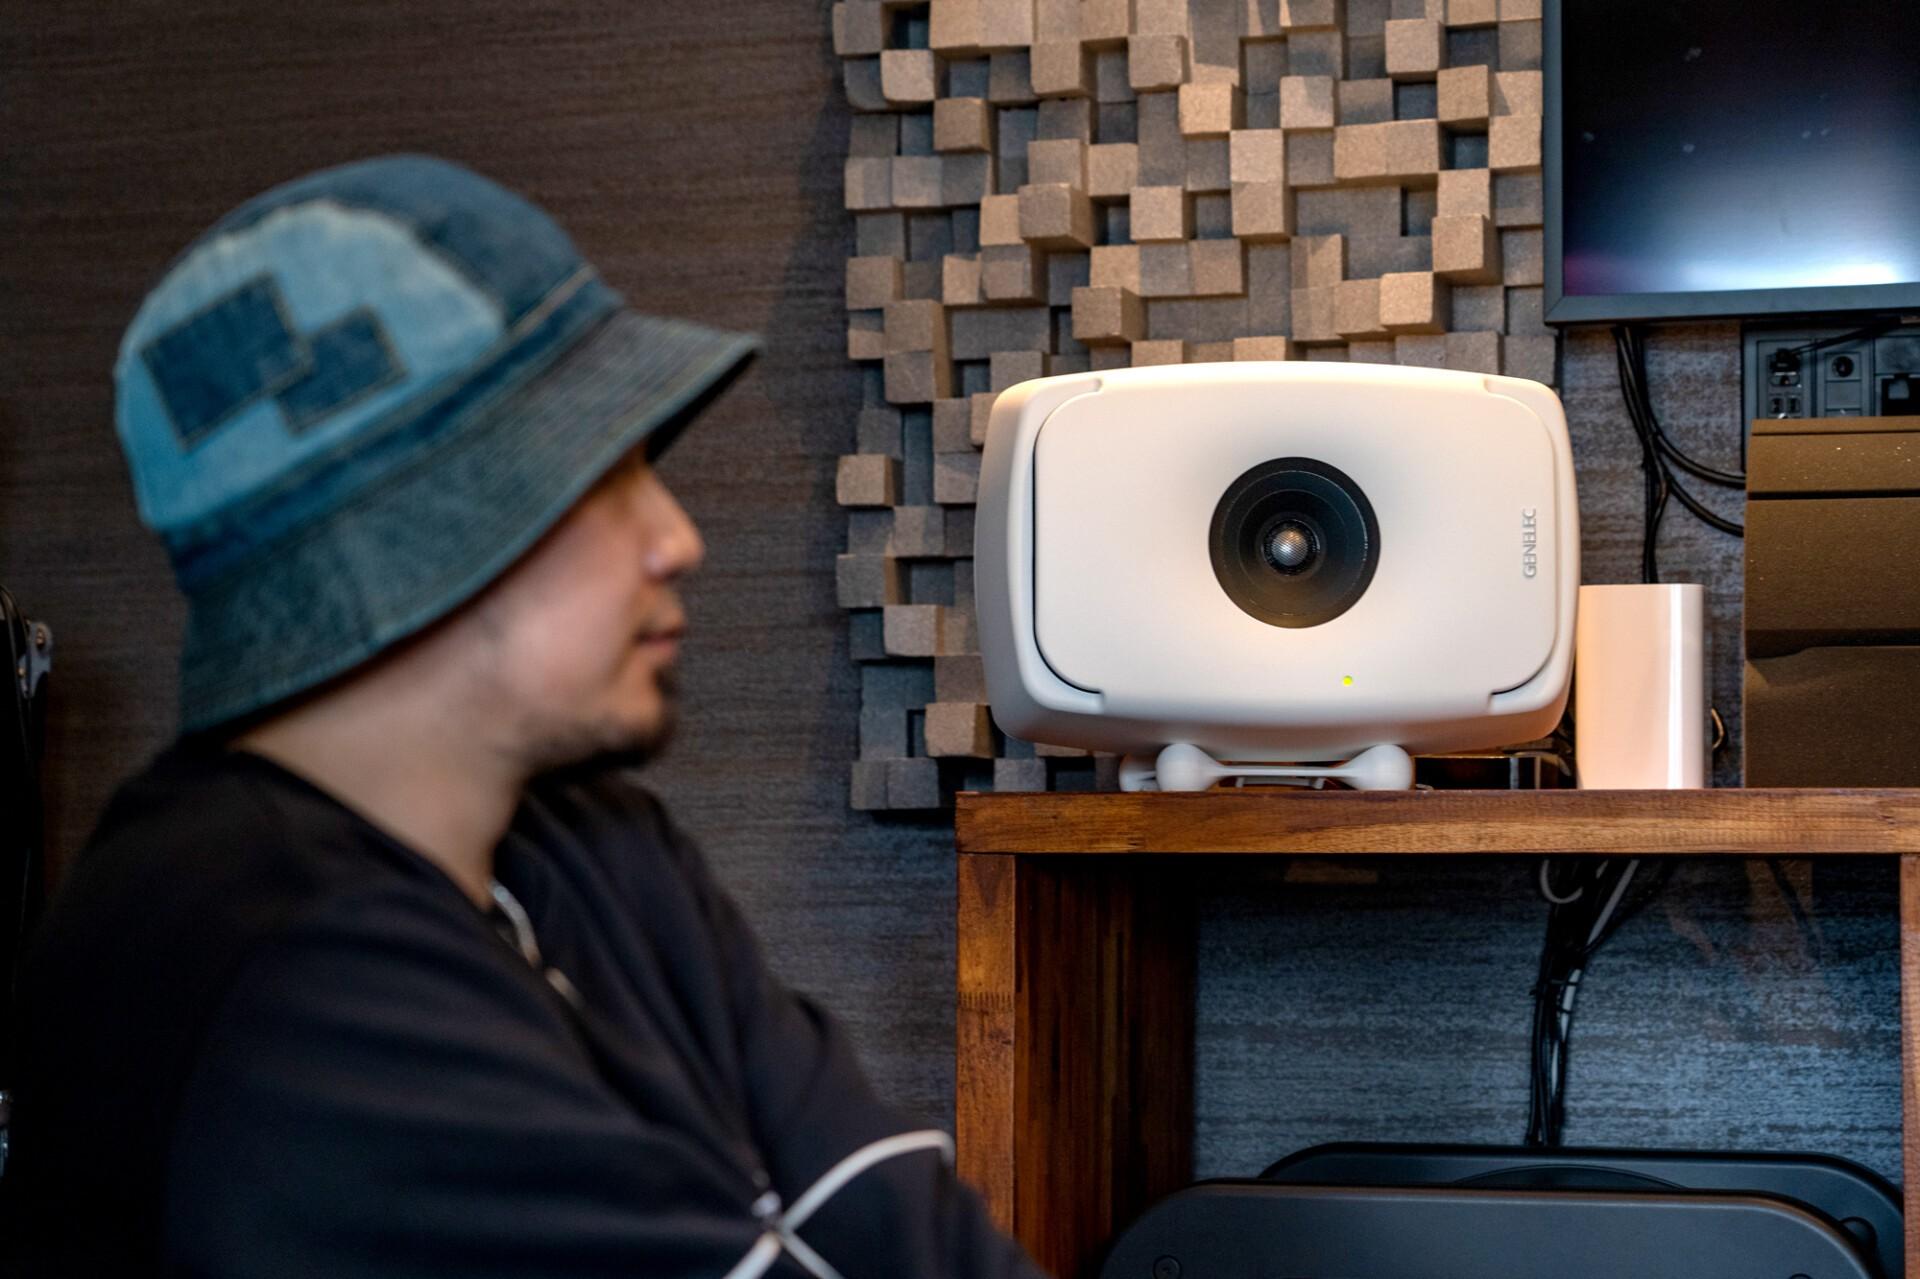 【DJ JAM(YENTOWN) 独占インタビュー】日本のHipHopシーンを世界レベルに!先鋭トラックメイカーが信じる己の耳とブレない軸(アーティストが聴くGENELECシリーズ)